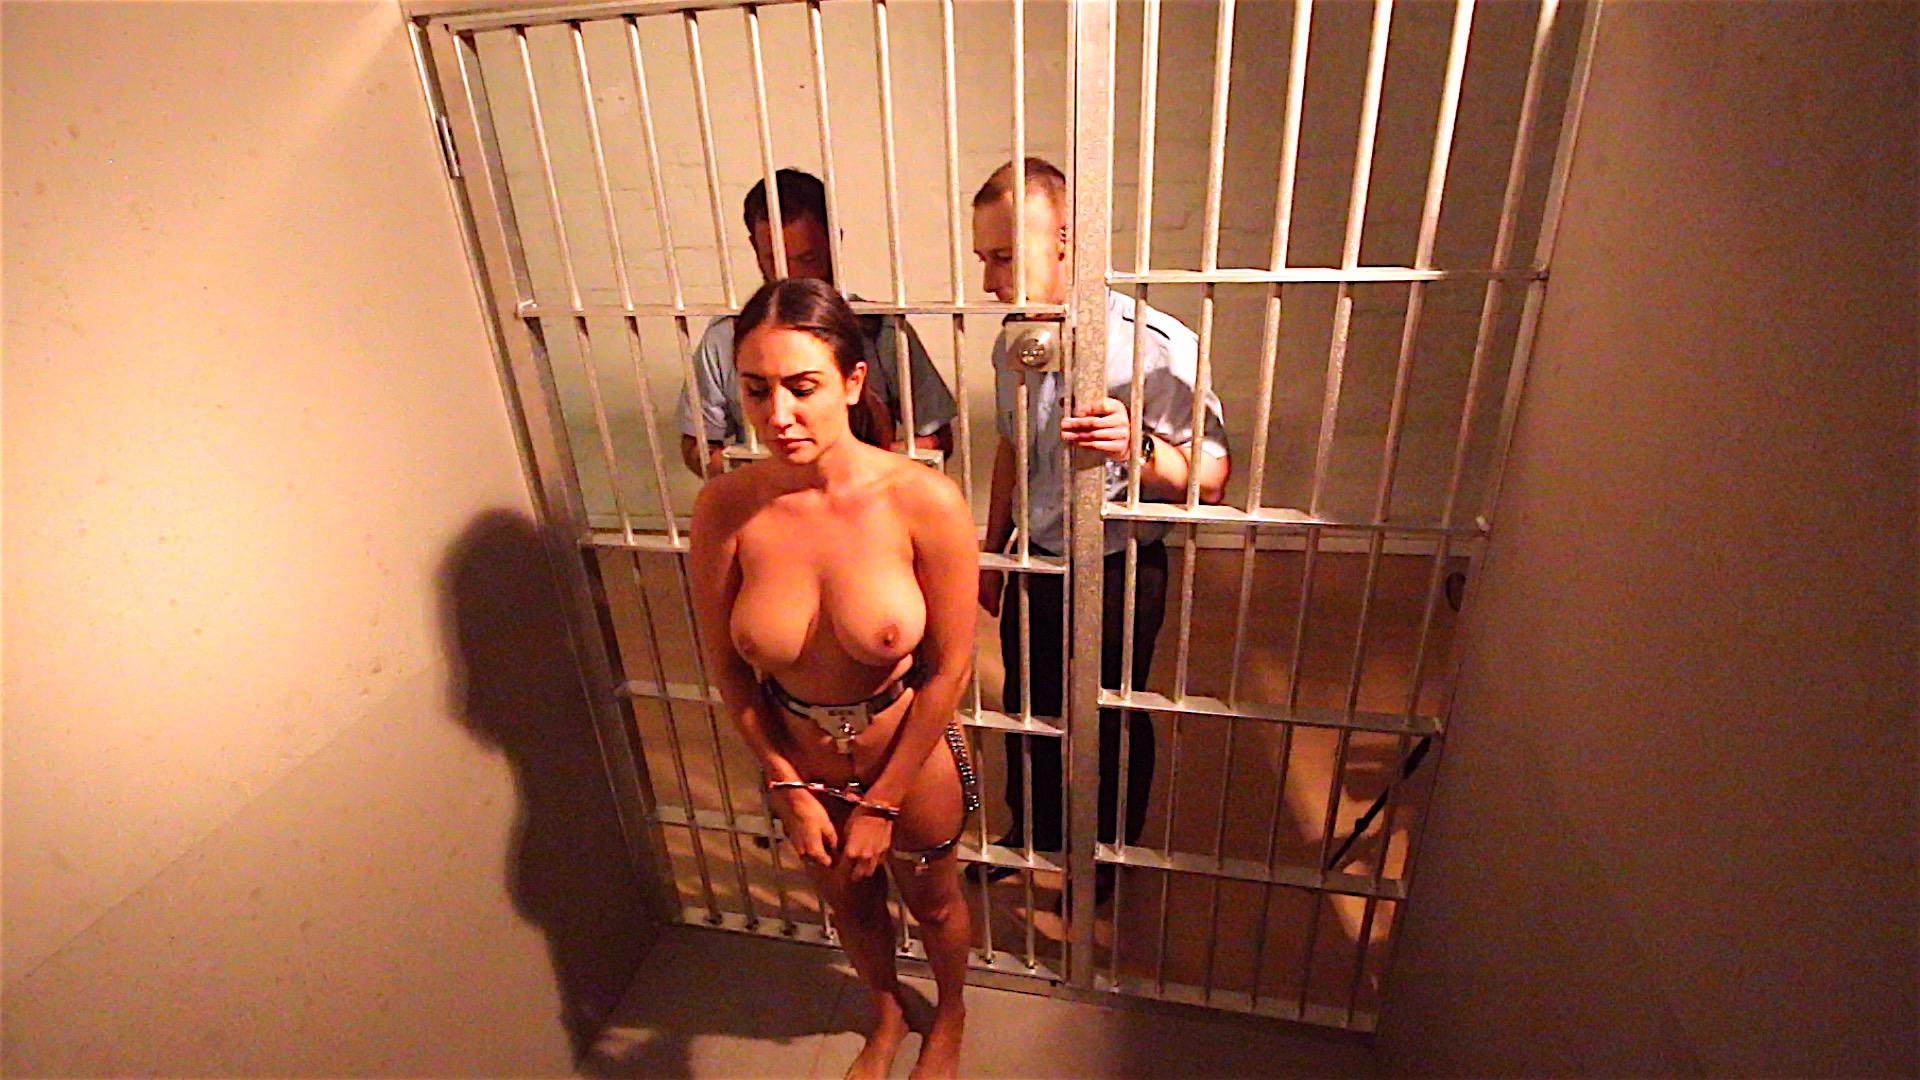 girls-in-jail-sucking-cocktures